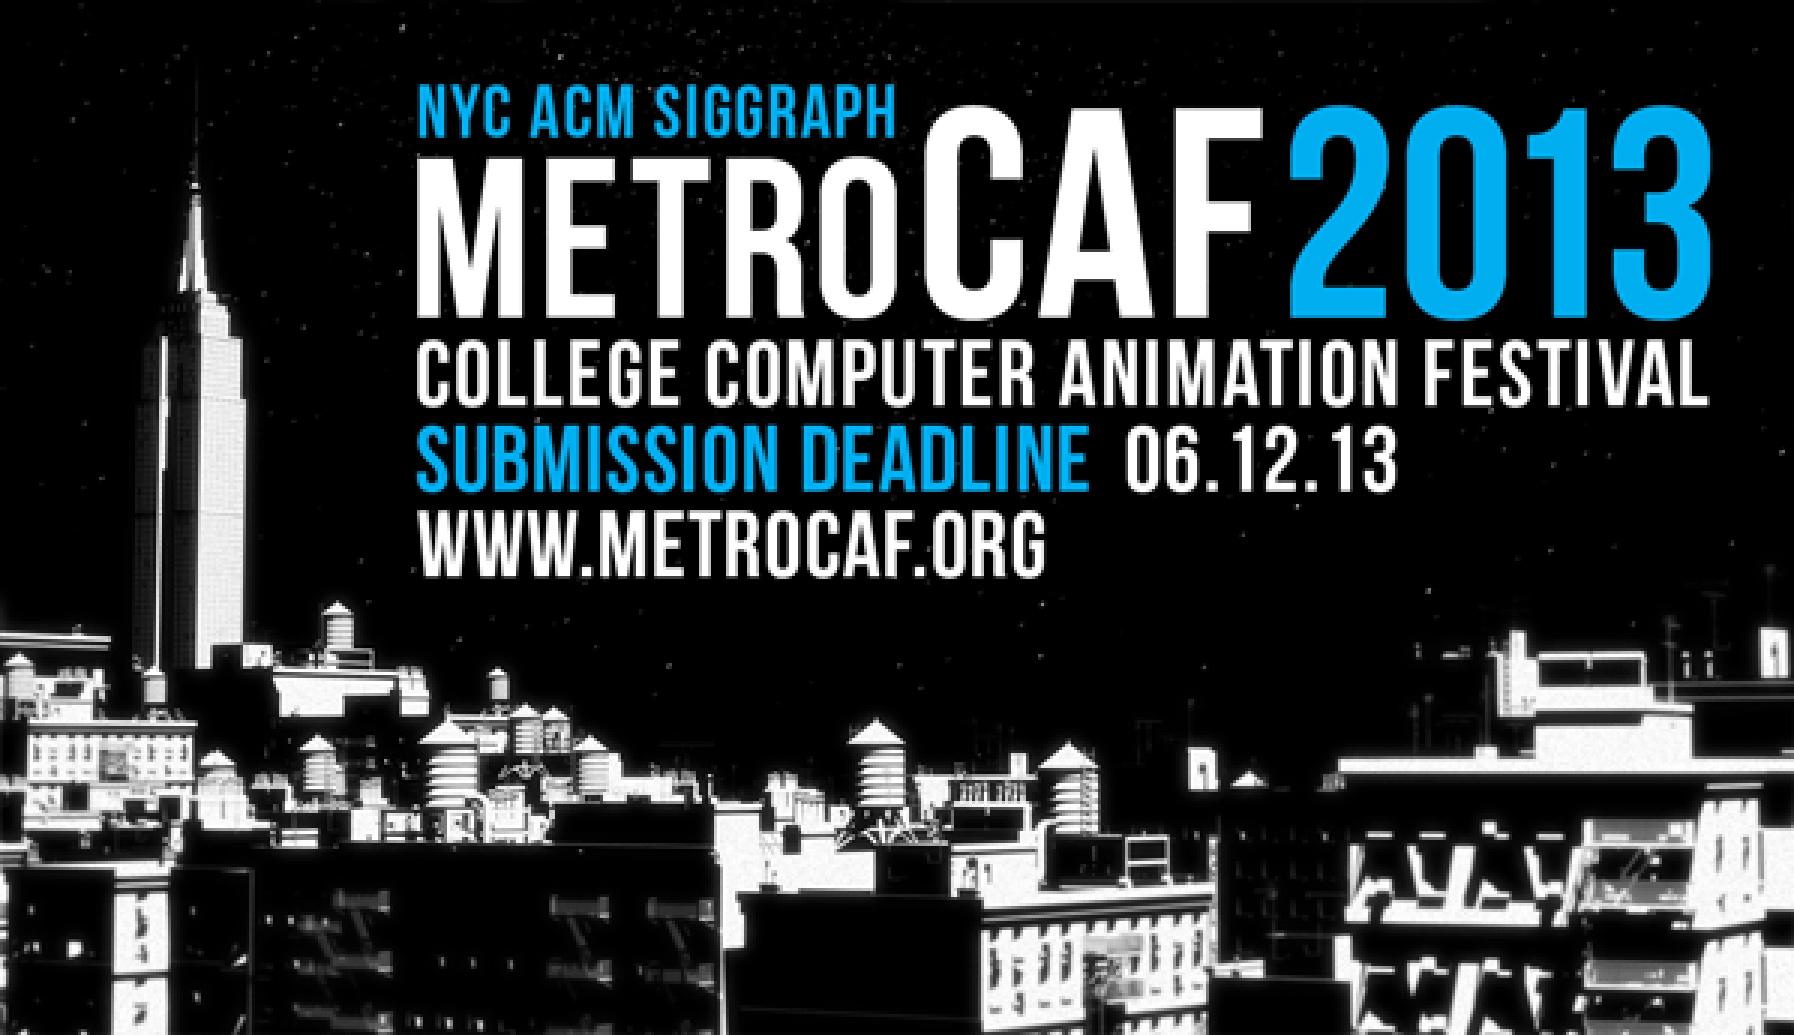 MetroCAF 2013